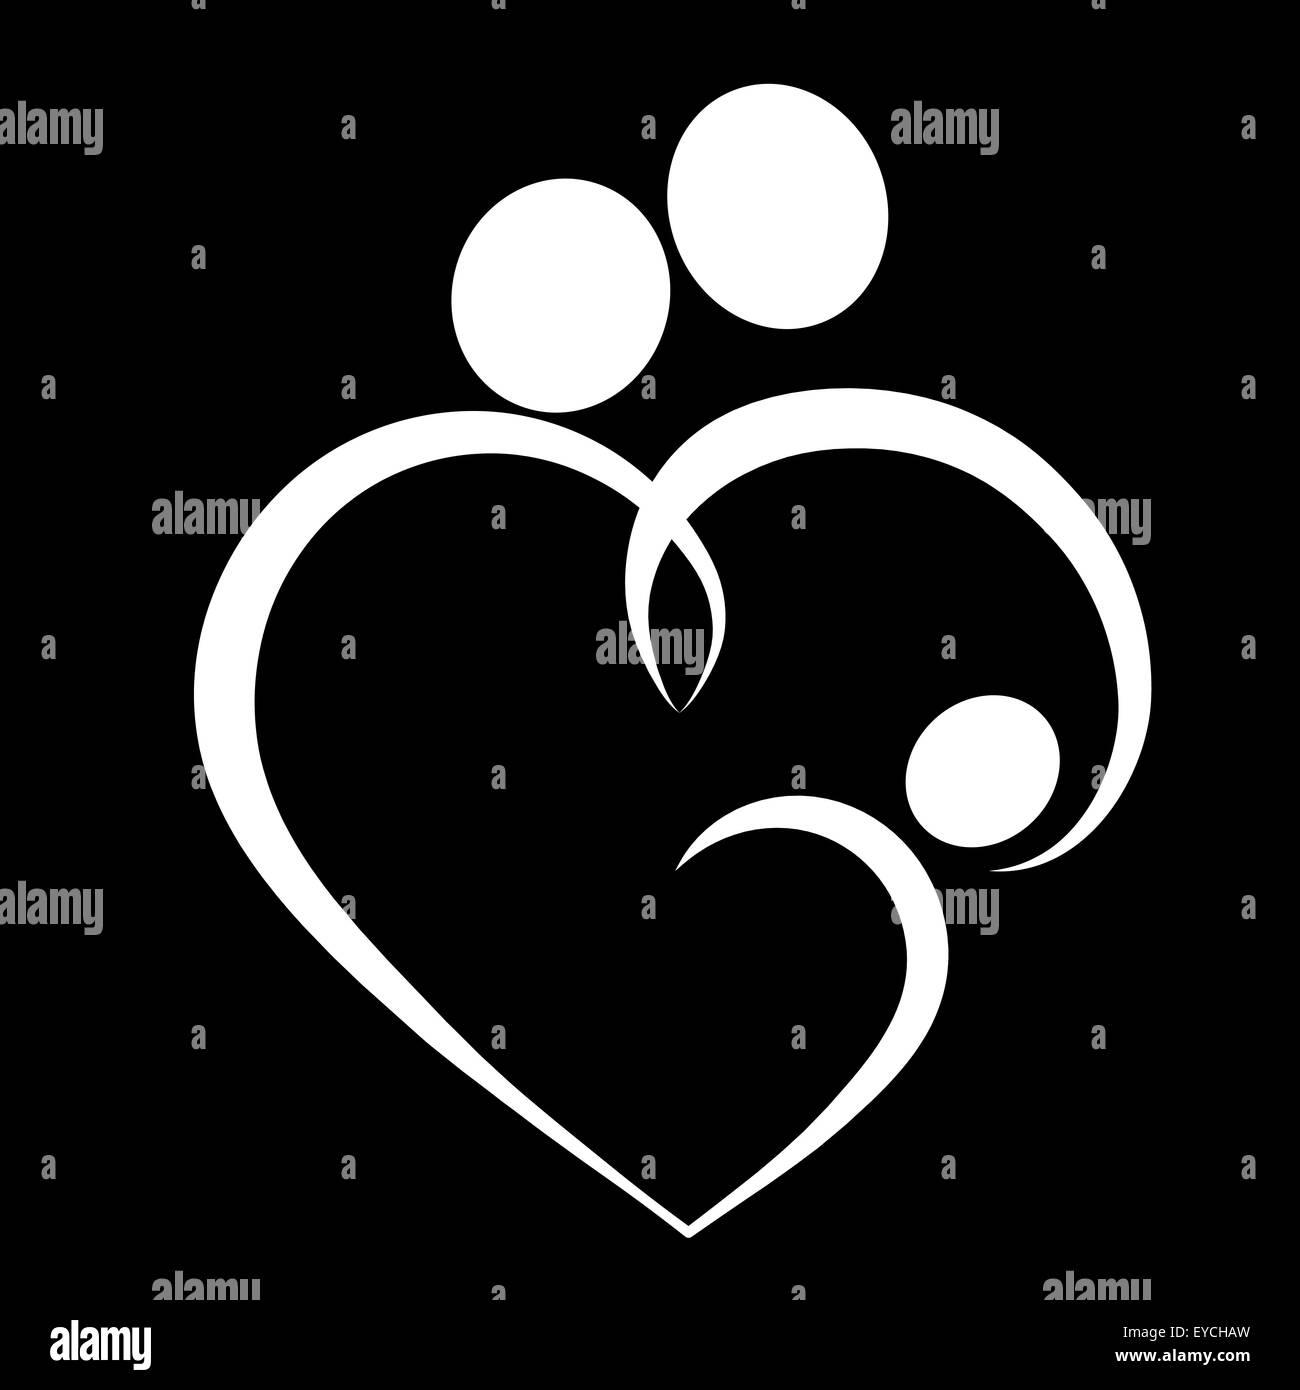 Family heart, symbol - Stock Image